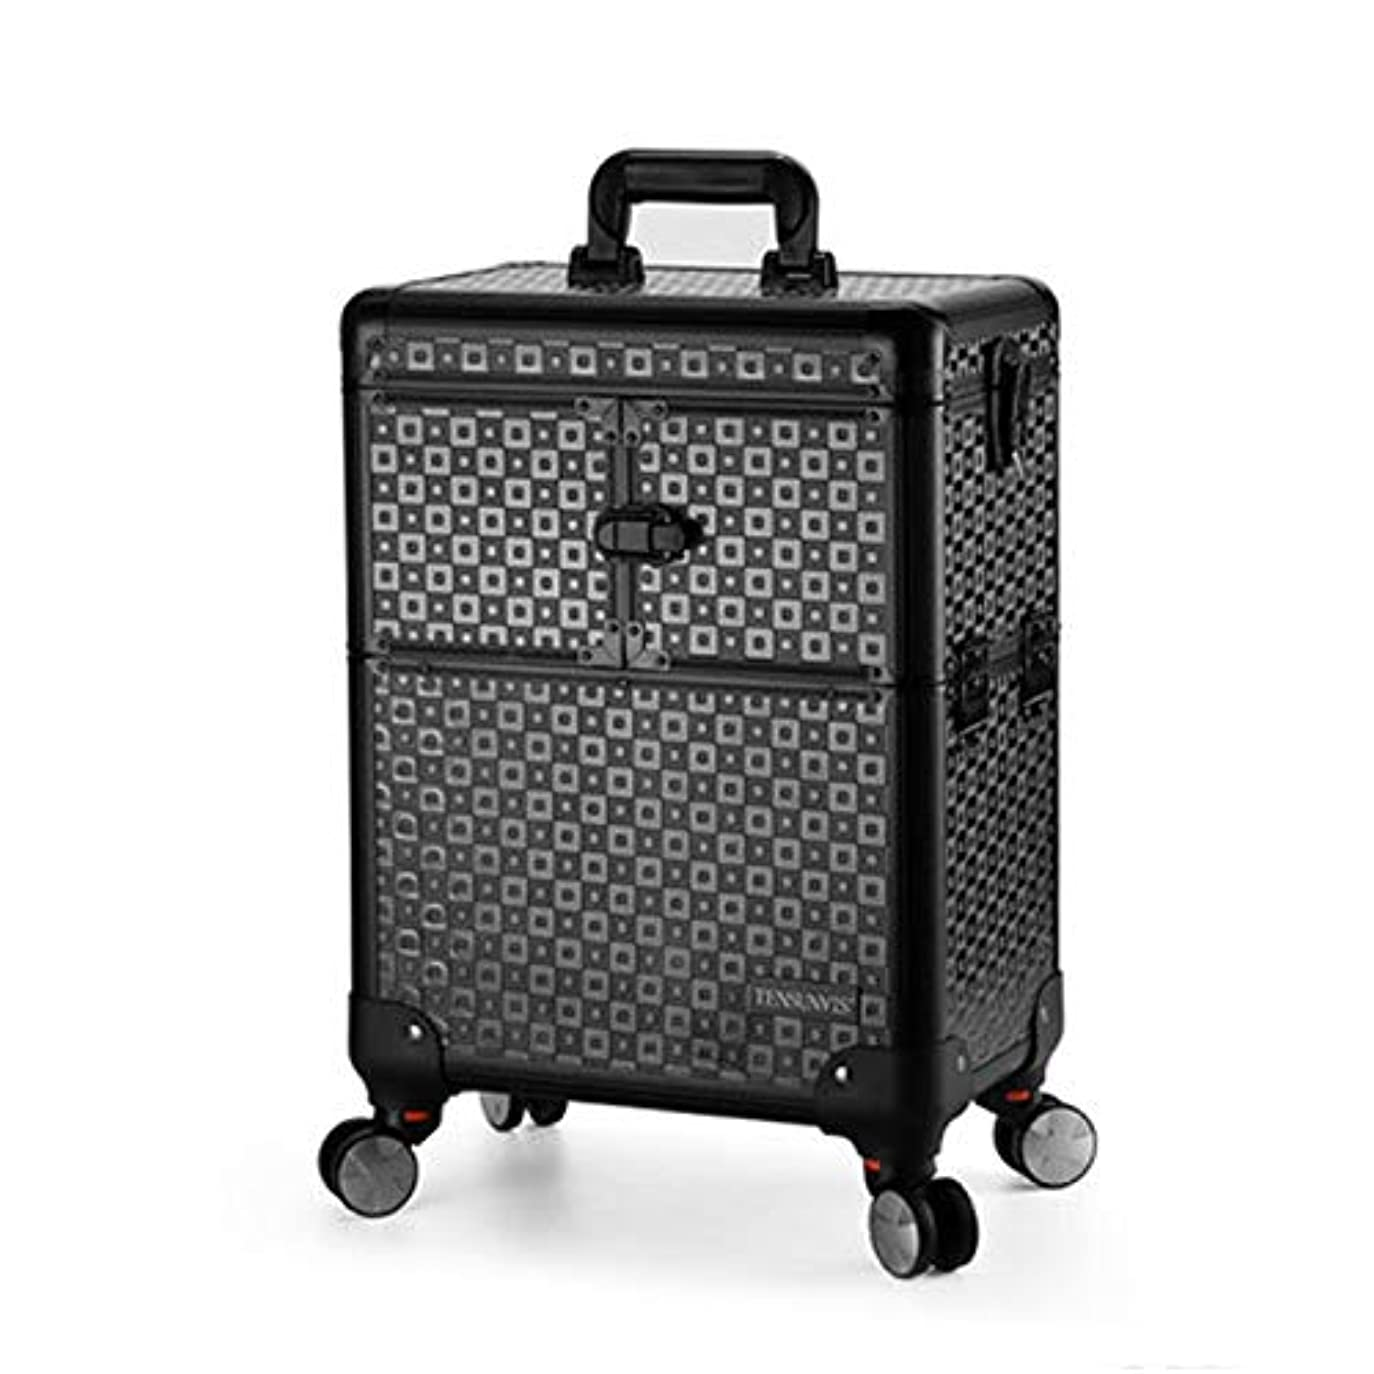 ドライブ仮定するから聞くプロ専用 美容師 クローゼット スーツケース メイクボックス キャリーバッグ ヘアメイク プロ 大容量 軽量 高品質 多機能 I-TT-4622-TB-T